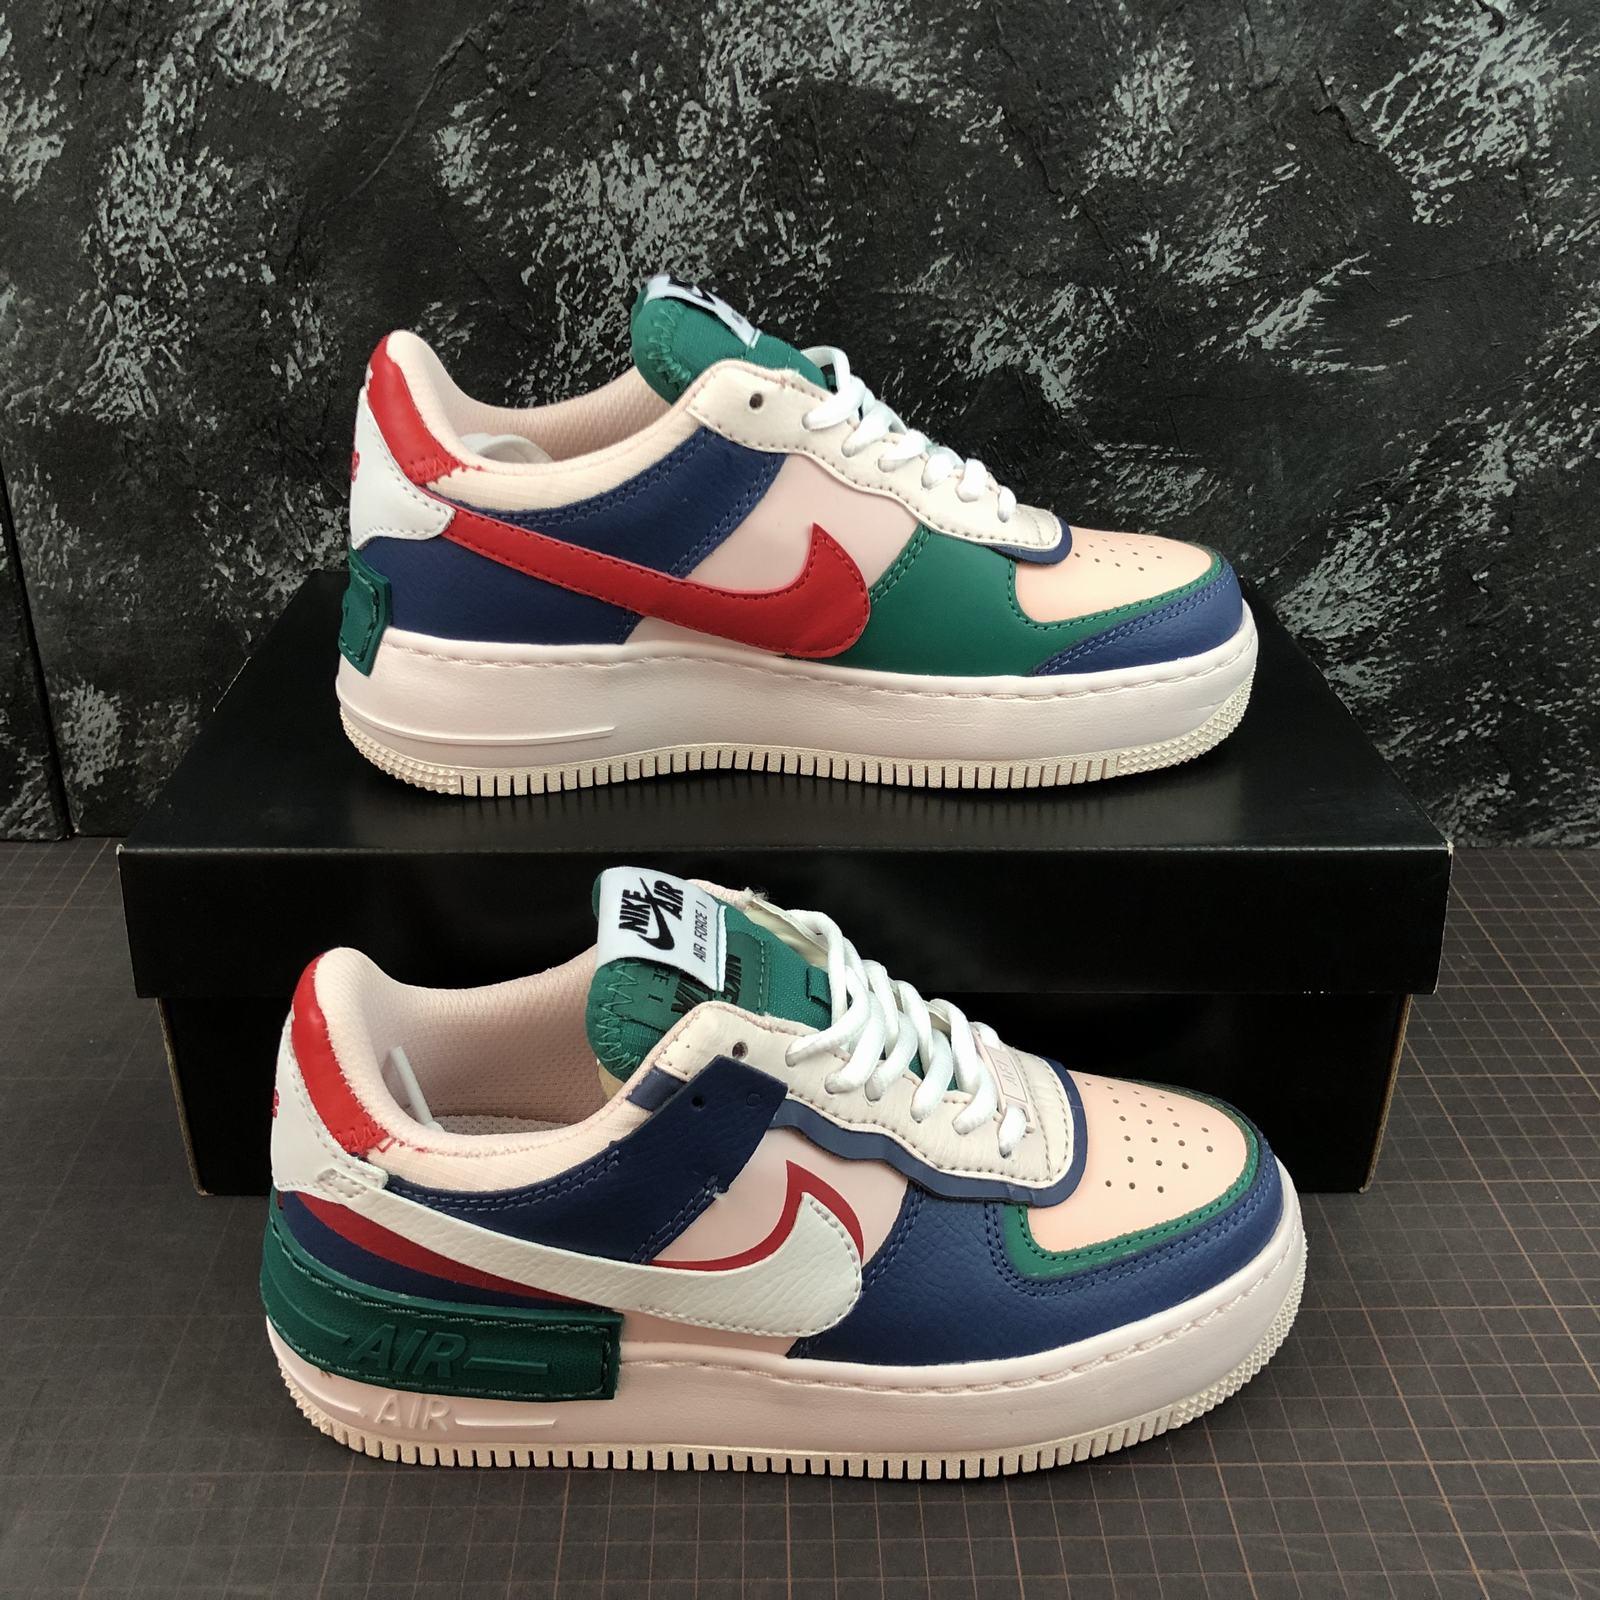 giay-sneaker-nike-air-force-1-shadow-ci0919-400-da-navy-white-echo-pink